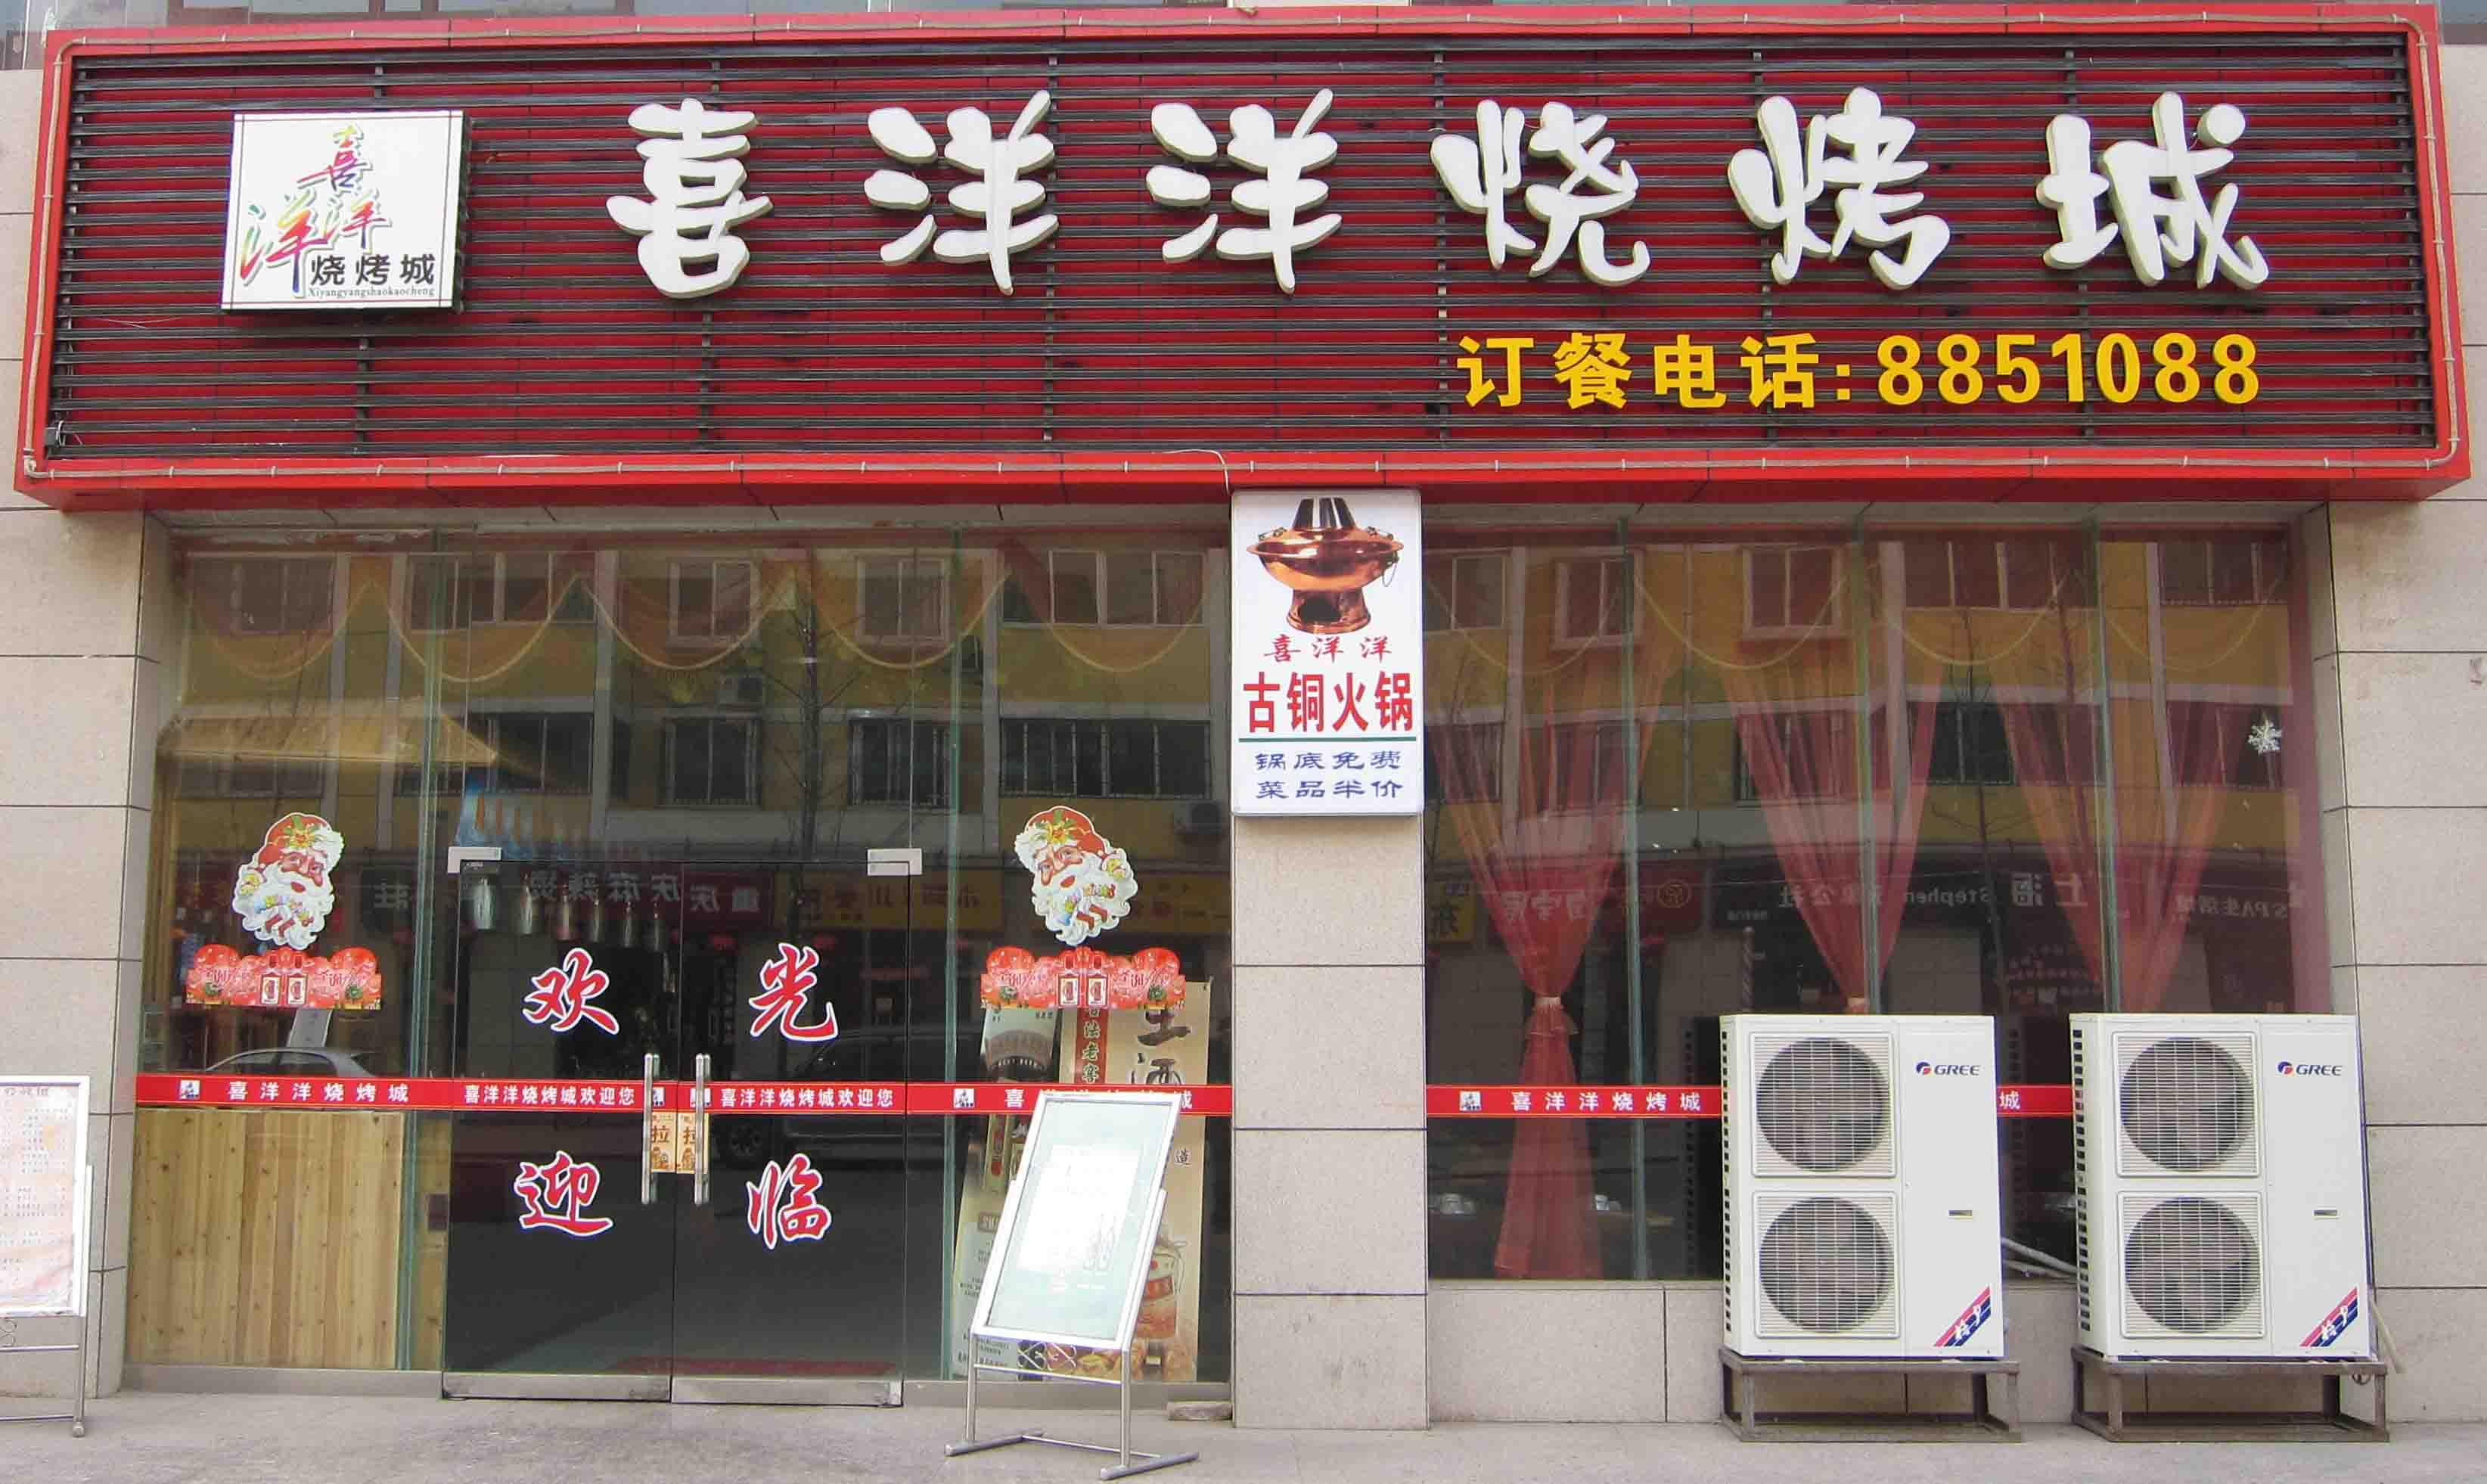 喜洋洋烧烤城 商家图片--宝鸡城市通网